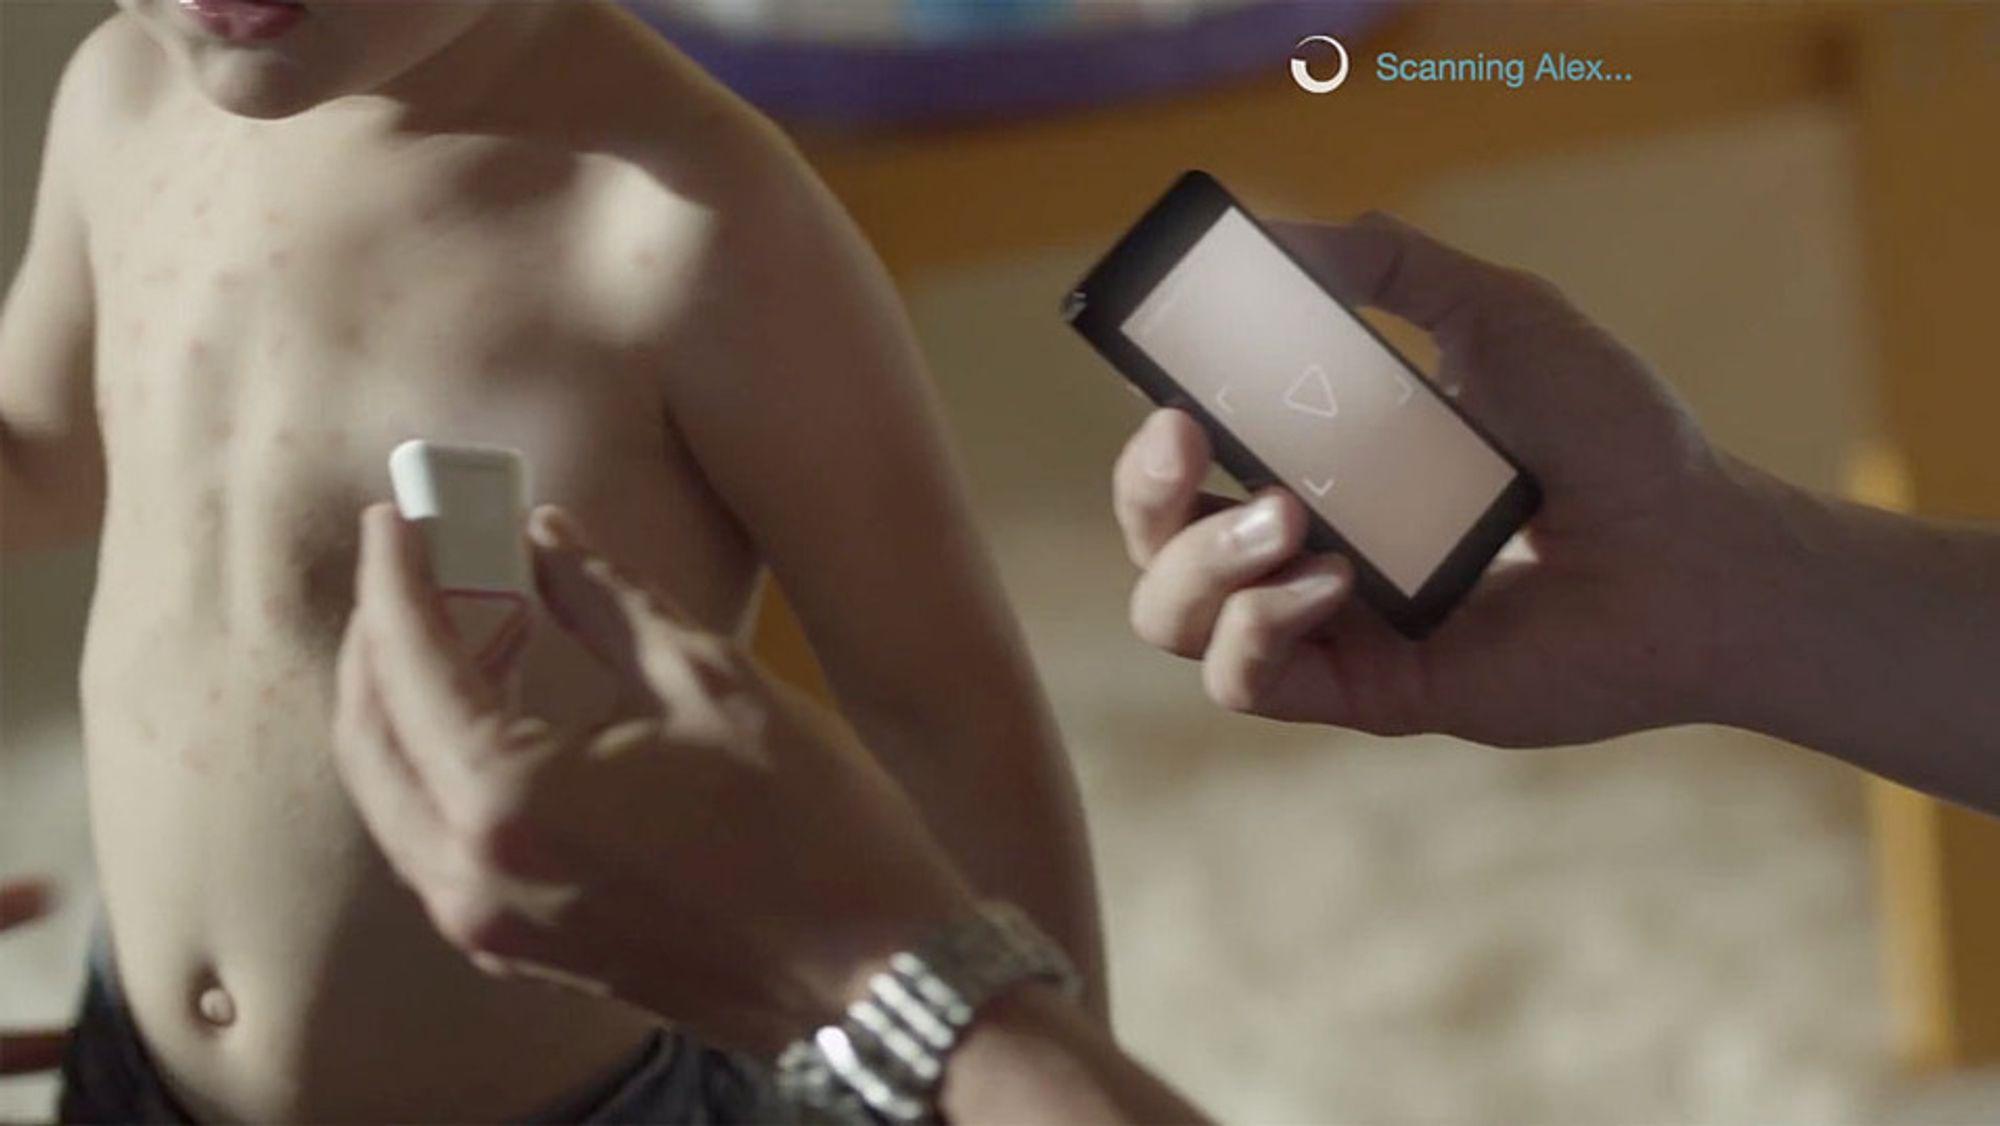 Scanadus mobile skanner skal kunne fastslå om noe er galt med deg på under 10 sekunder.